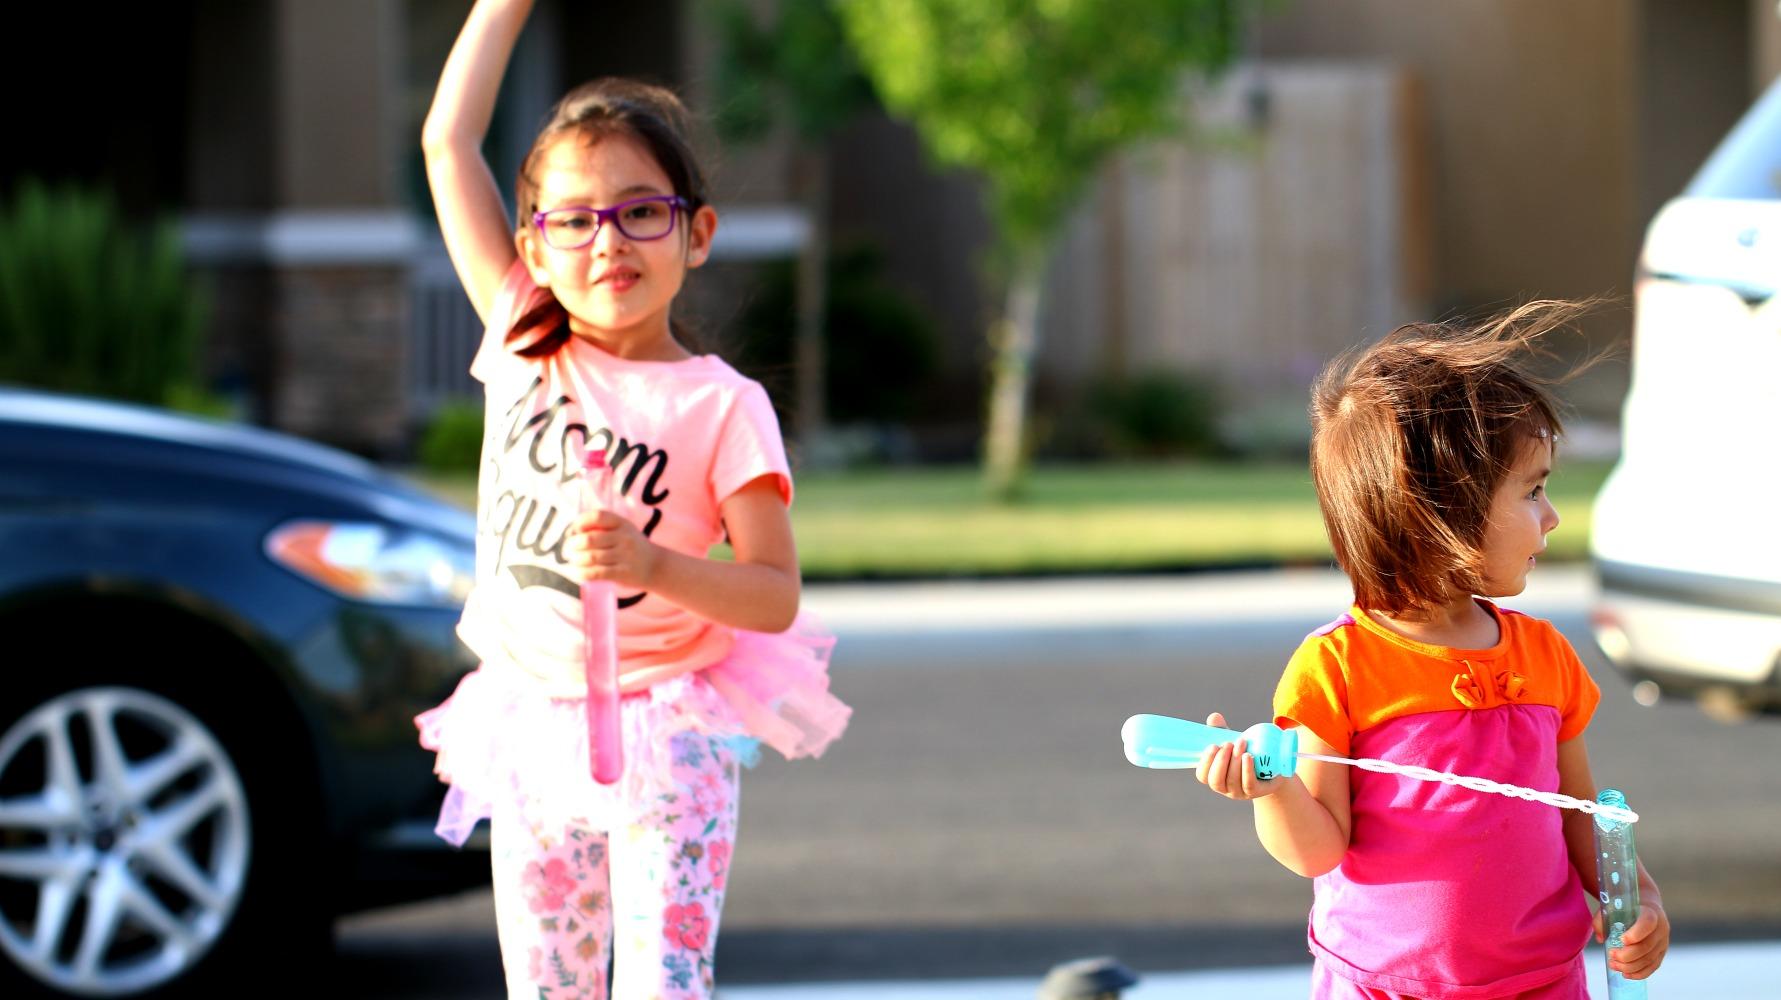 Actividades-para-hacer-fuera-de-casa-durante-el-Verano